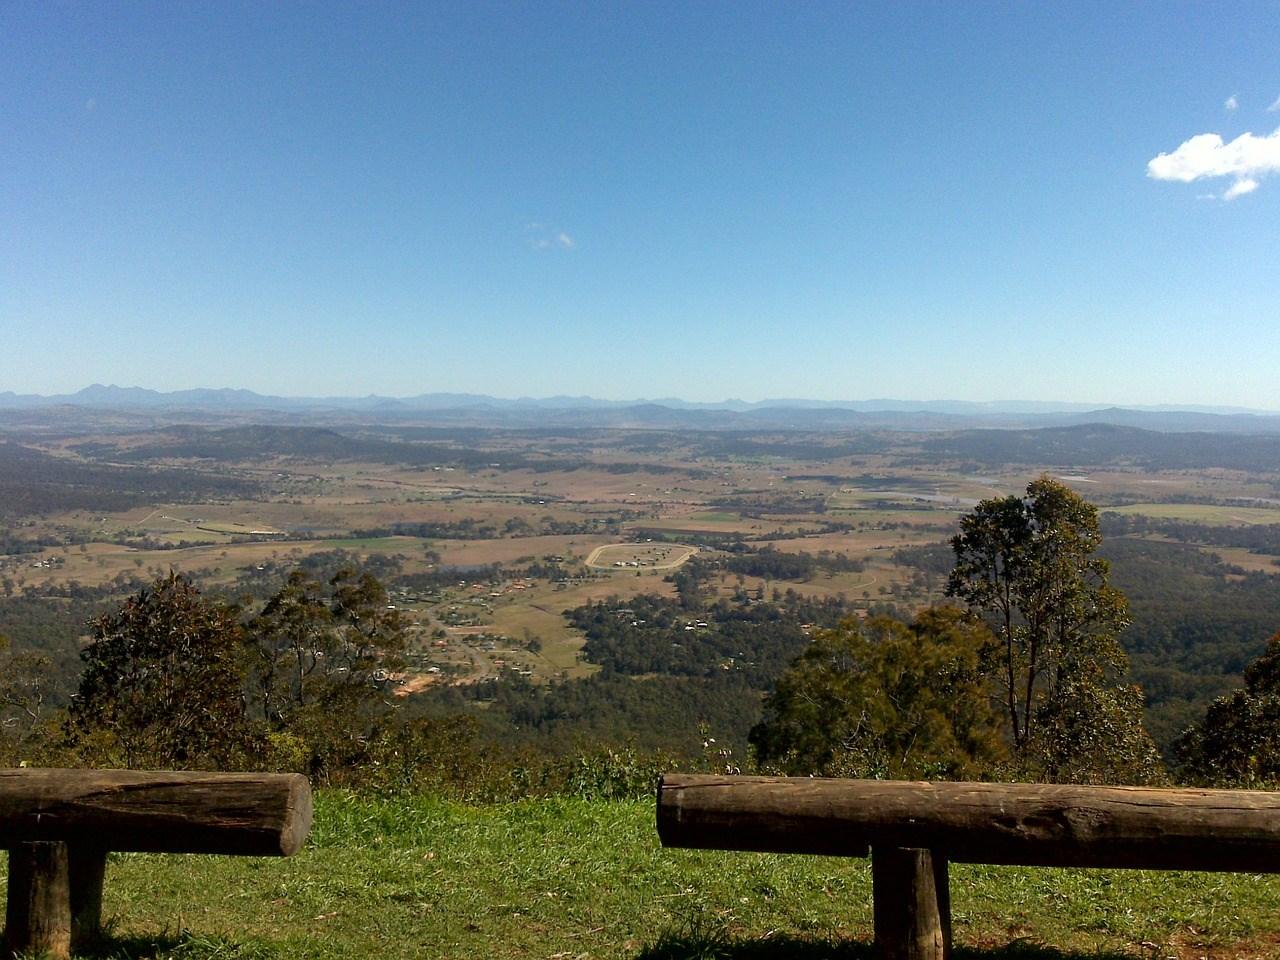 Tour tham quan núi Tamborine vào buổi sáng bằng xe 4WD